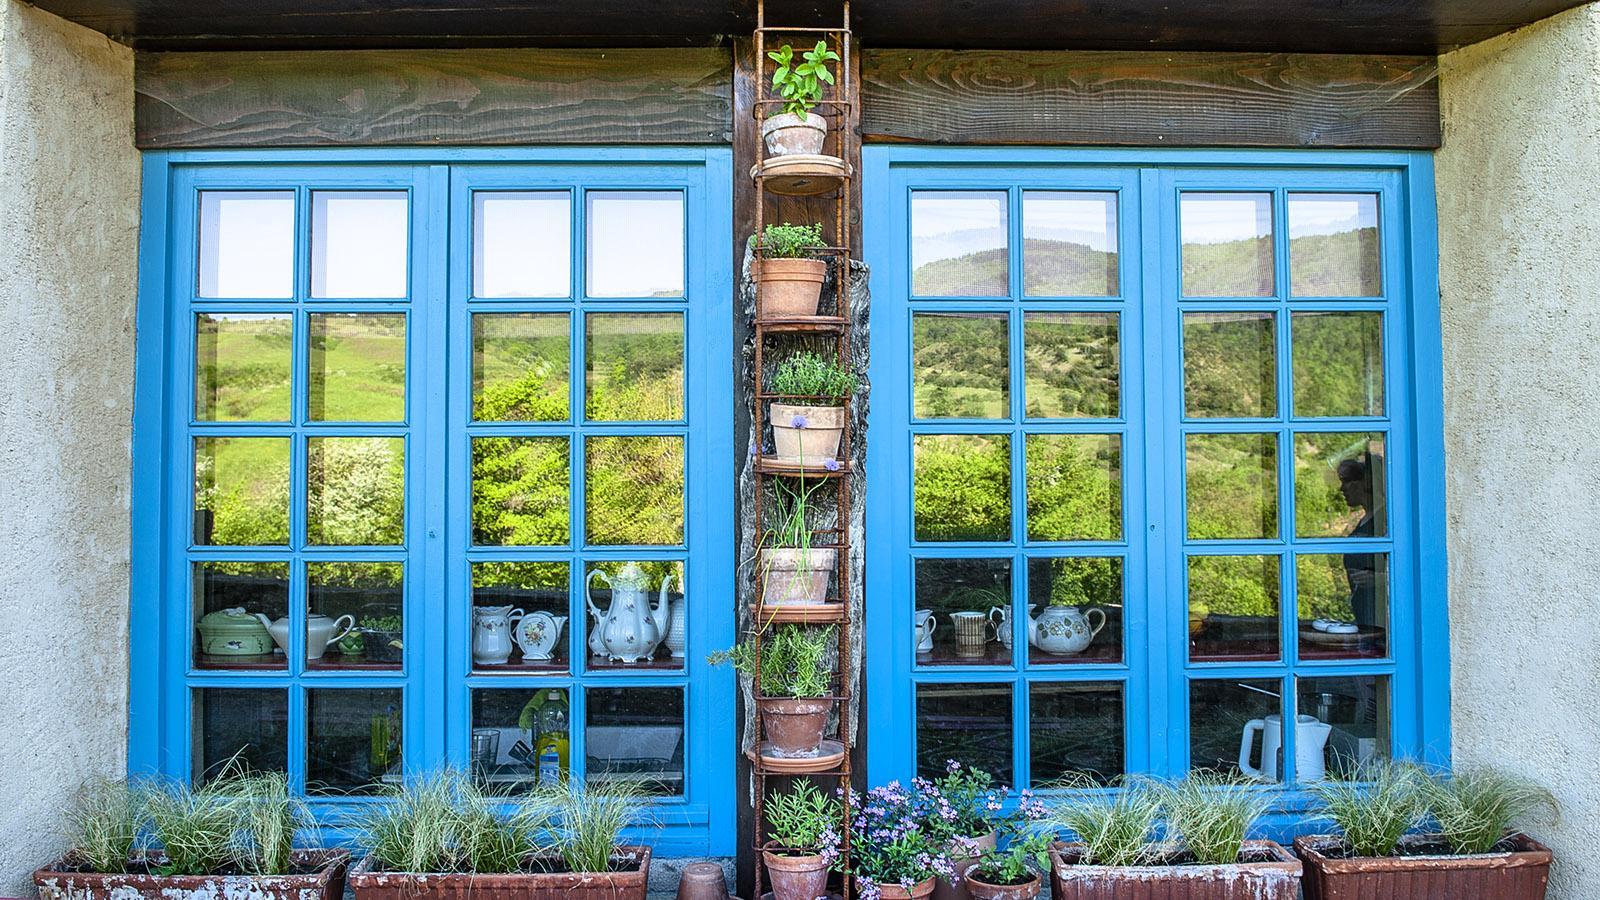 Bugarach: Blumentöpfe, kunstvoll arrangiert zwischen den Fensterrahmen. Foto: Hilke Maunder